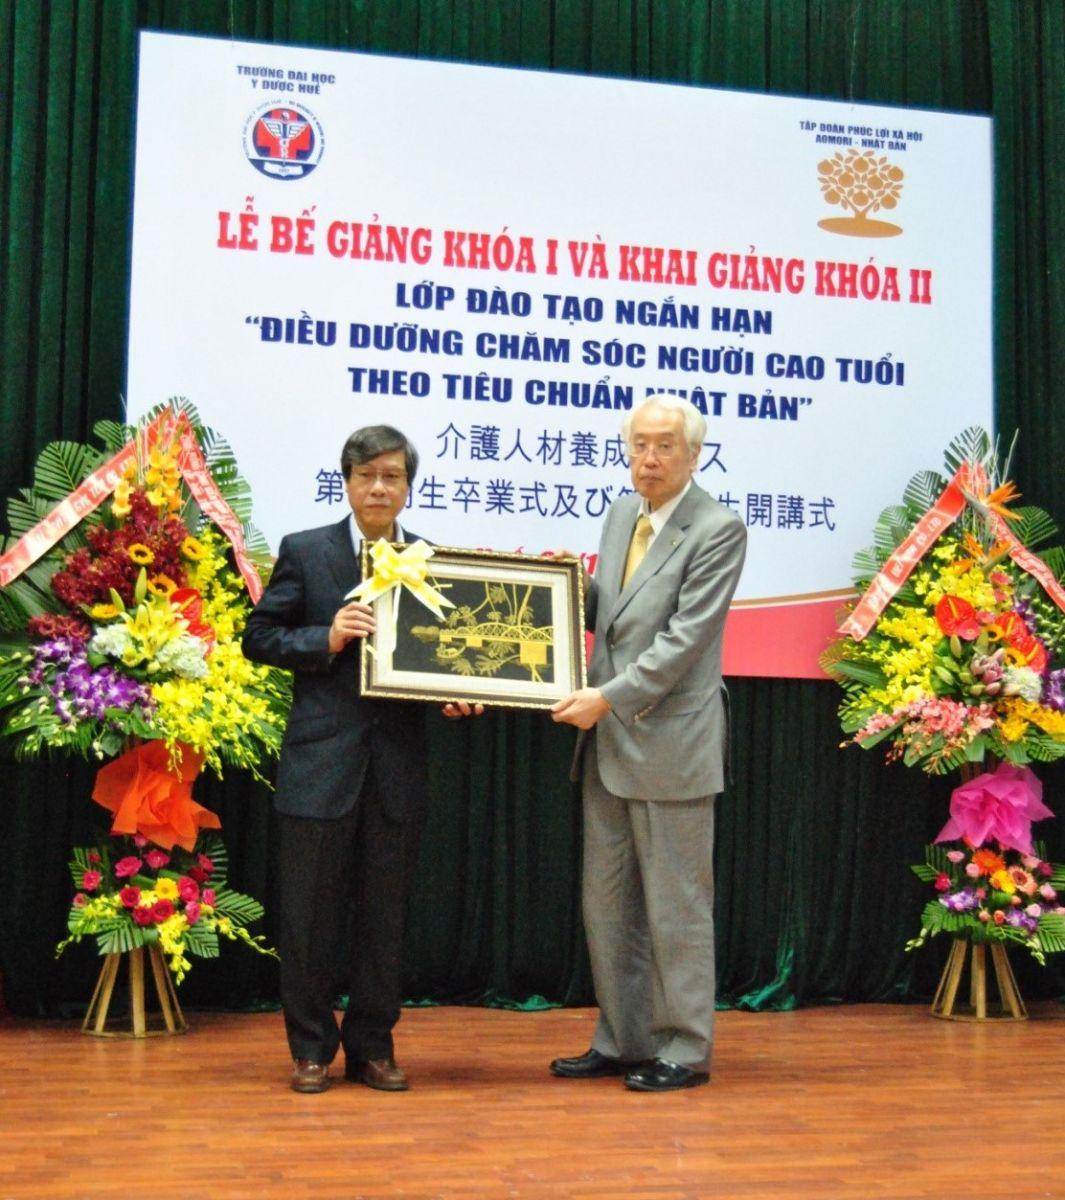 GS.Cao Ngọc Thành tặng quà lưu niệm cho tập đoàn phúc lợi xã hội Aomori Nhật Bản.